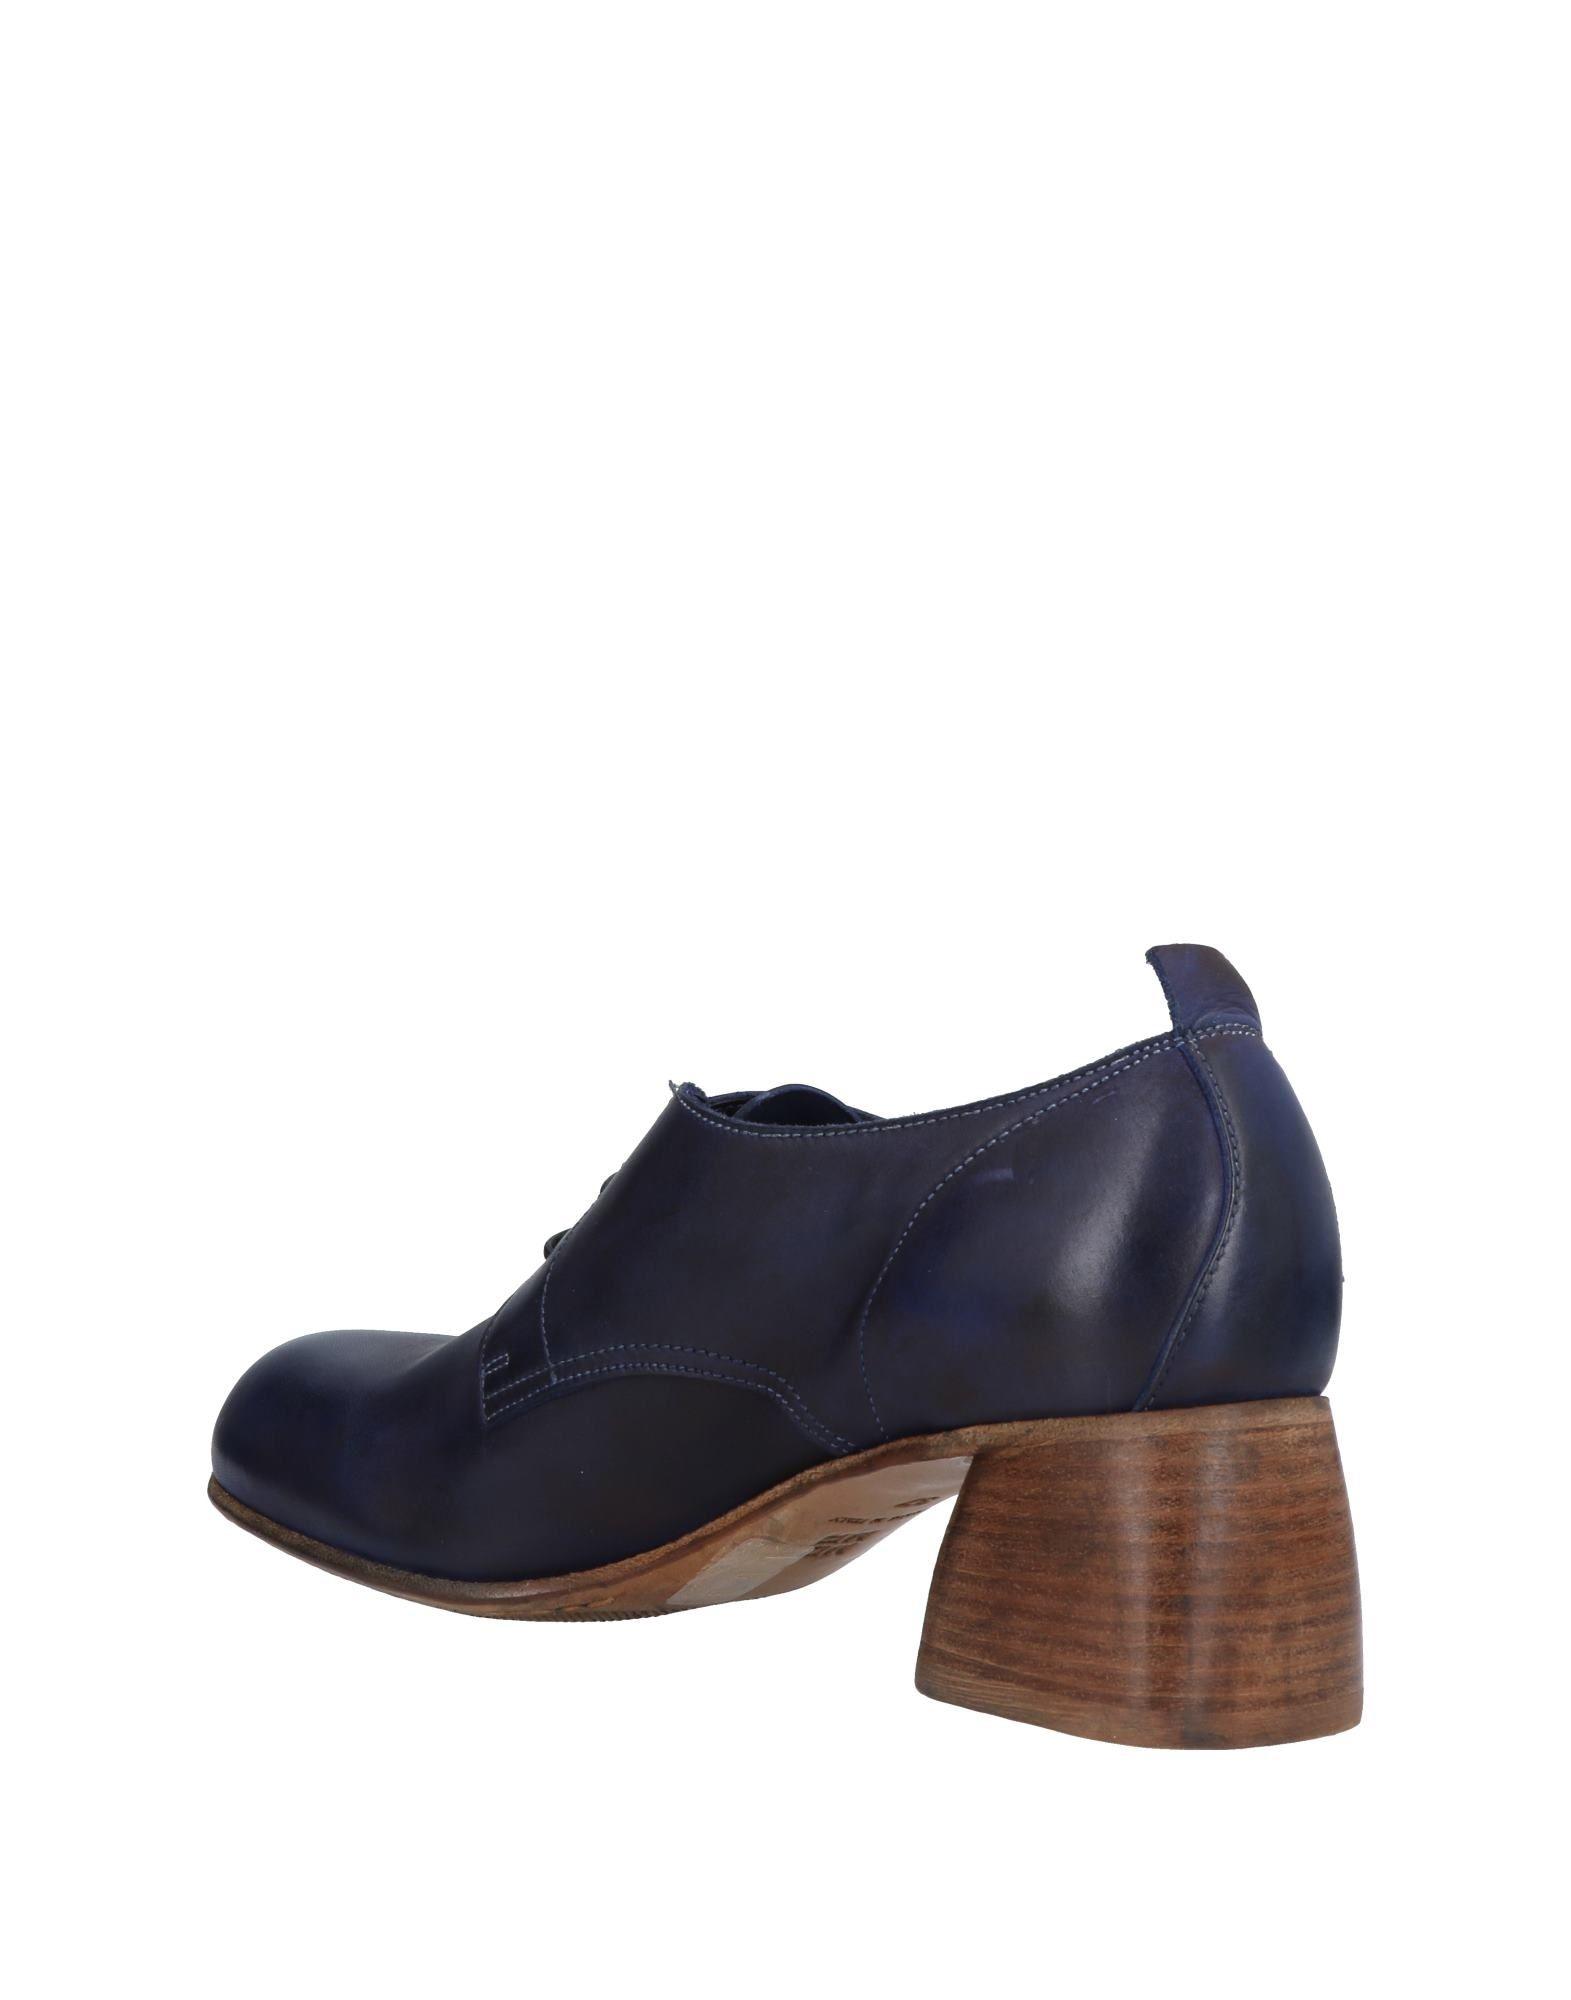 Moma Schnürschuhe Damen  11420211FSGut aussehende strapazierfähige Schuhe